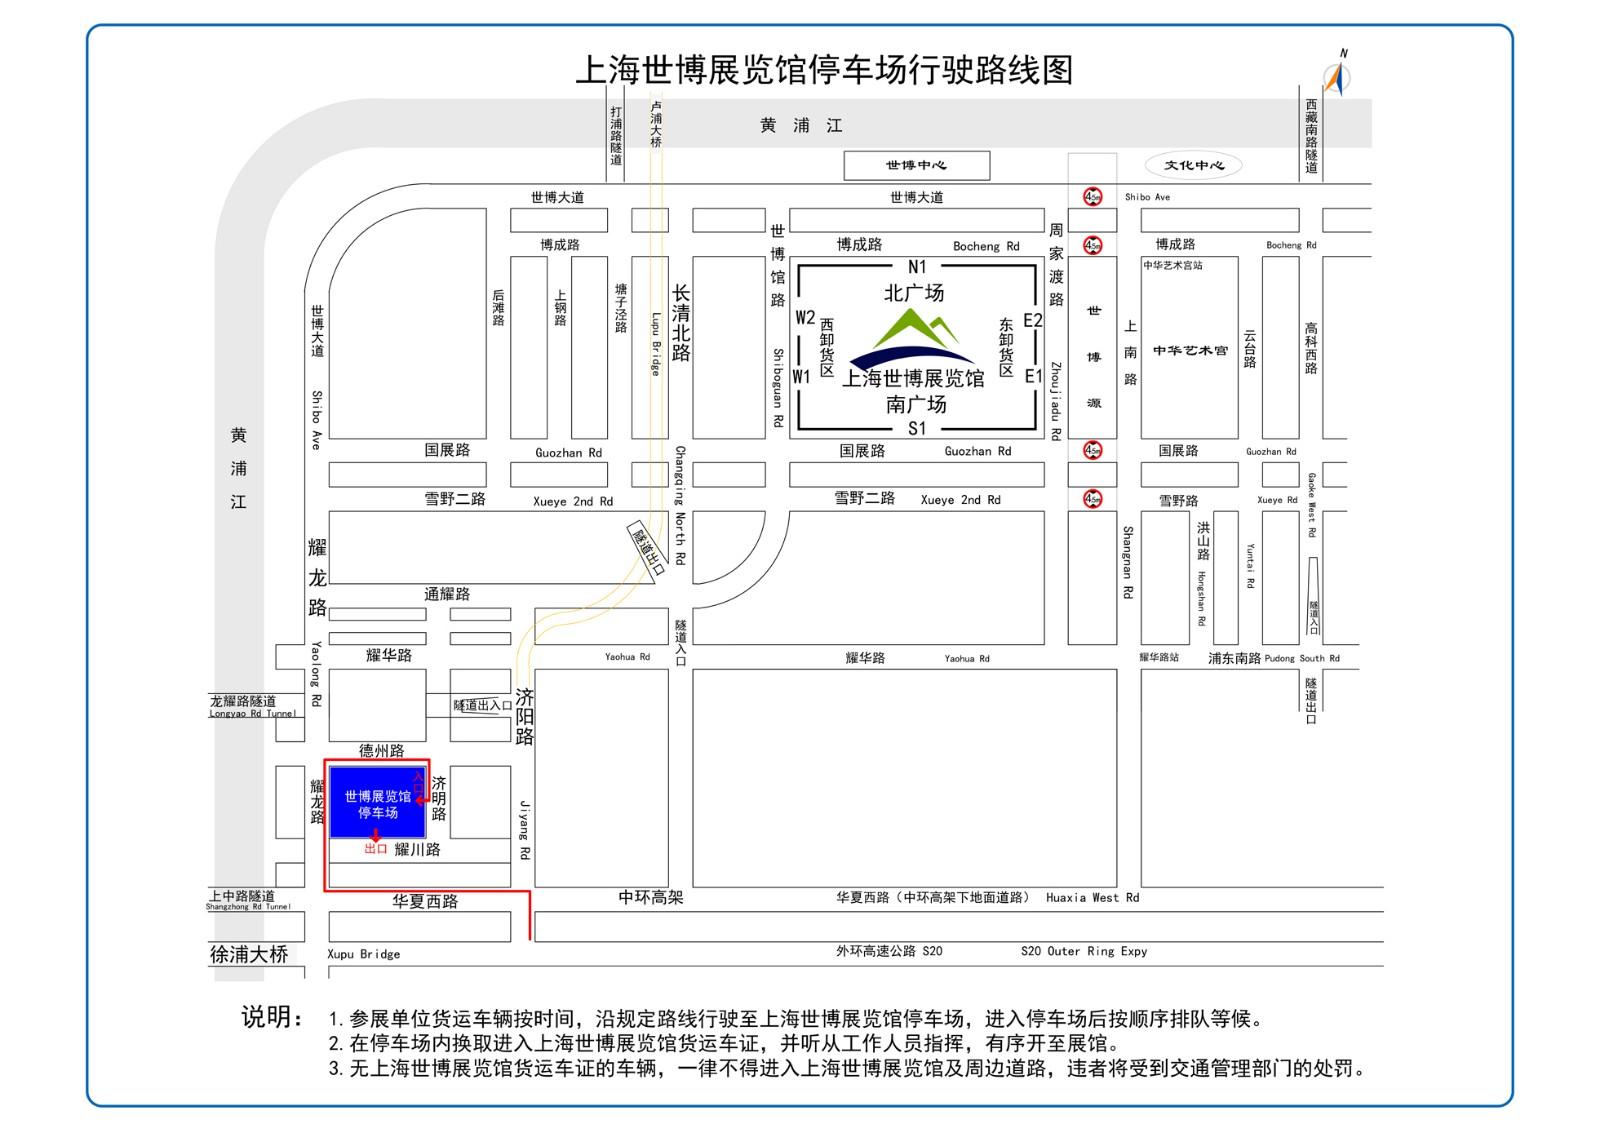 展馆地理位置图